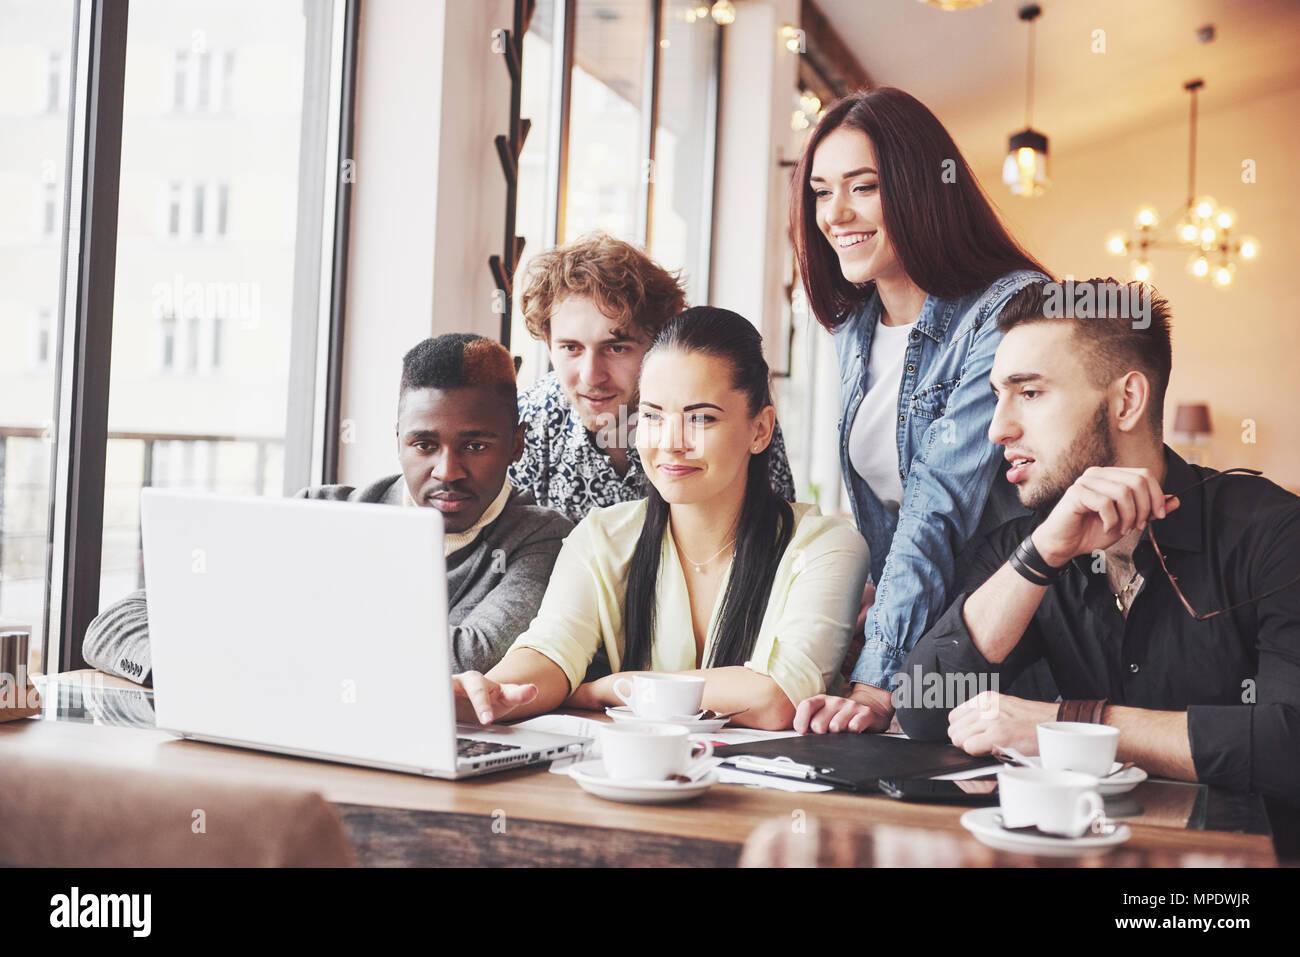 Gente de negocios multiétnico, emprendedor de negocios, pequeñas empresas, concepto mujer mostrando sus compañeros algo en el ordenador portátil que se reúnen alrededor de una mesa de conferencias Imagen De Stock